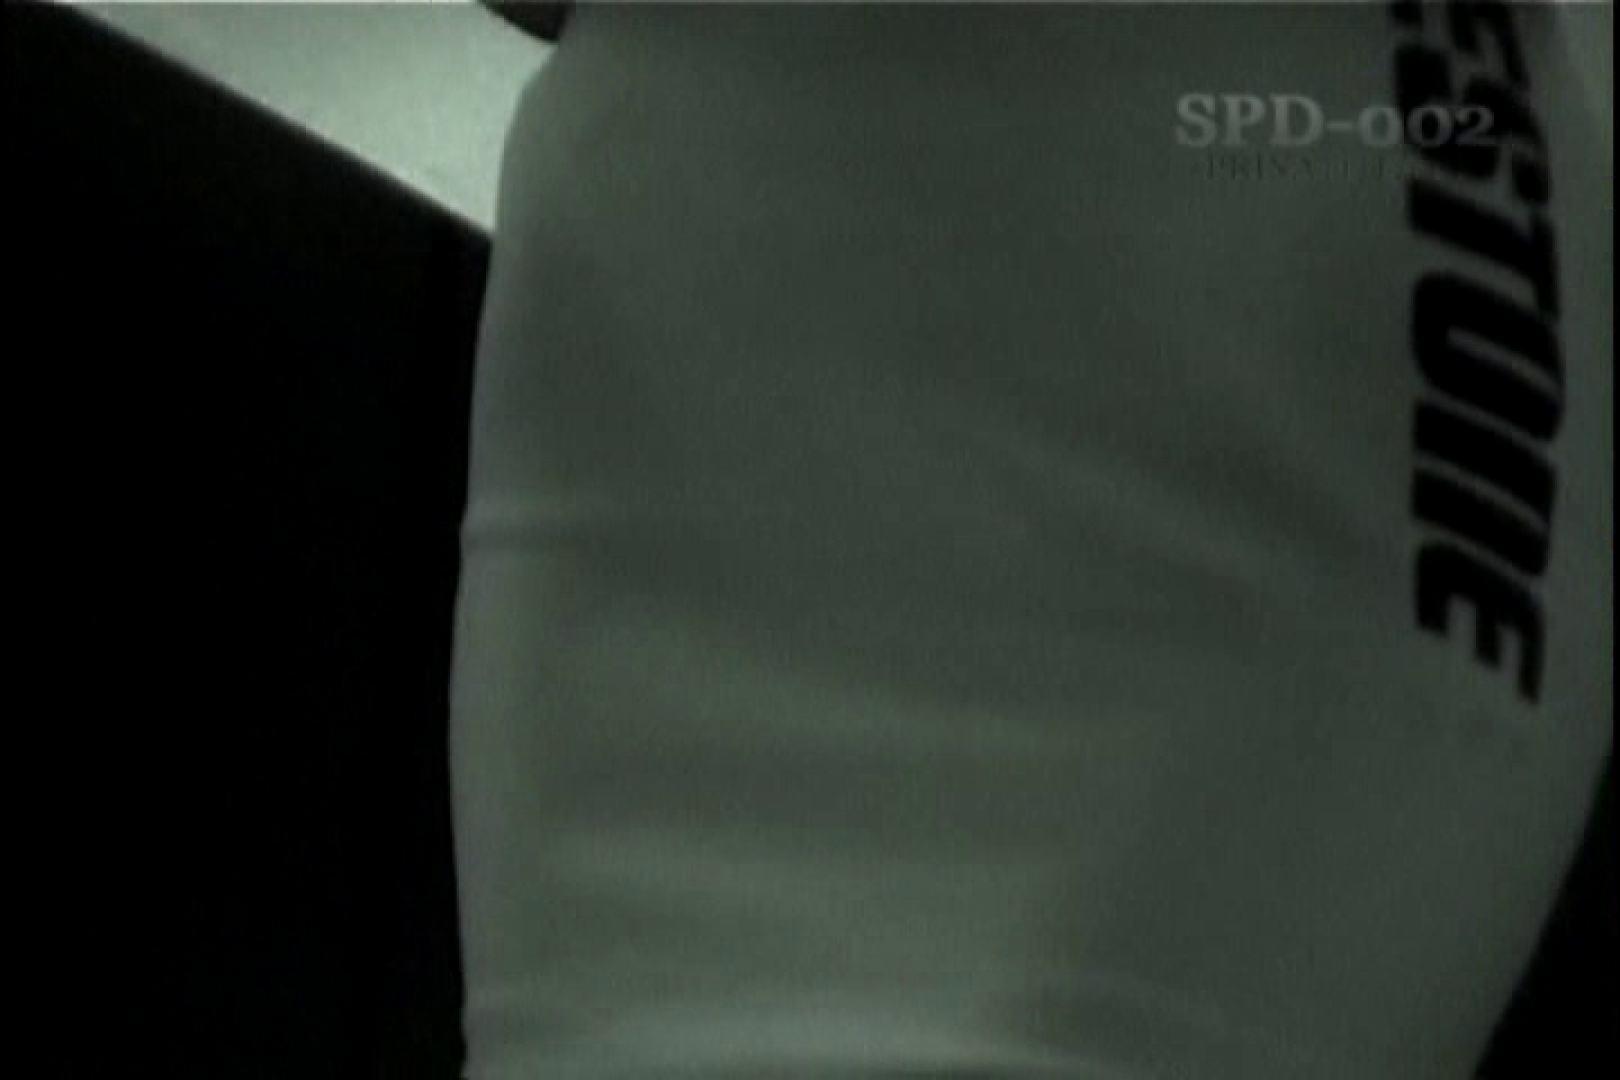 高画質版!SPD-002 レースクイーン 赤外線&盗撮 高画質 AV無料 85PIX 2